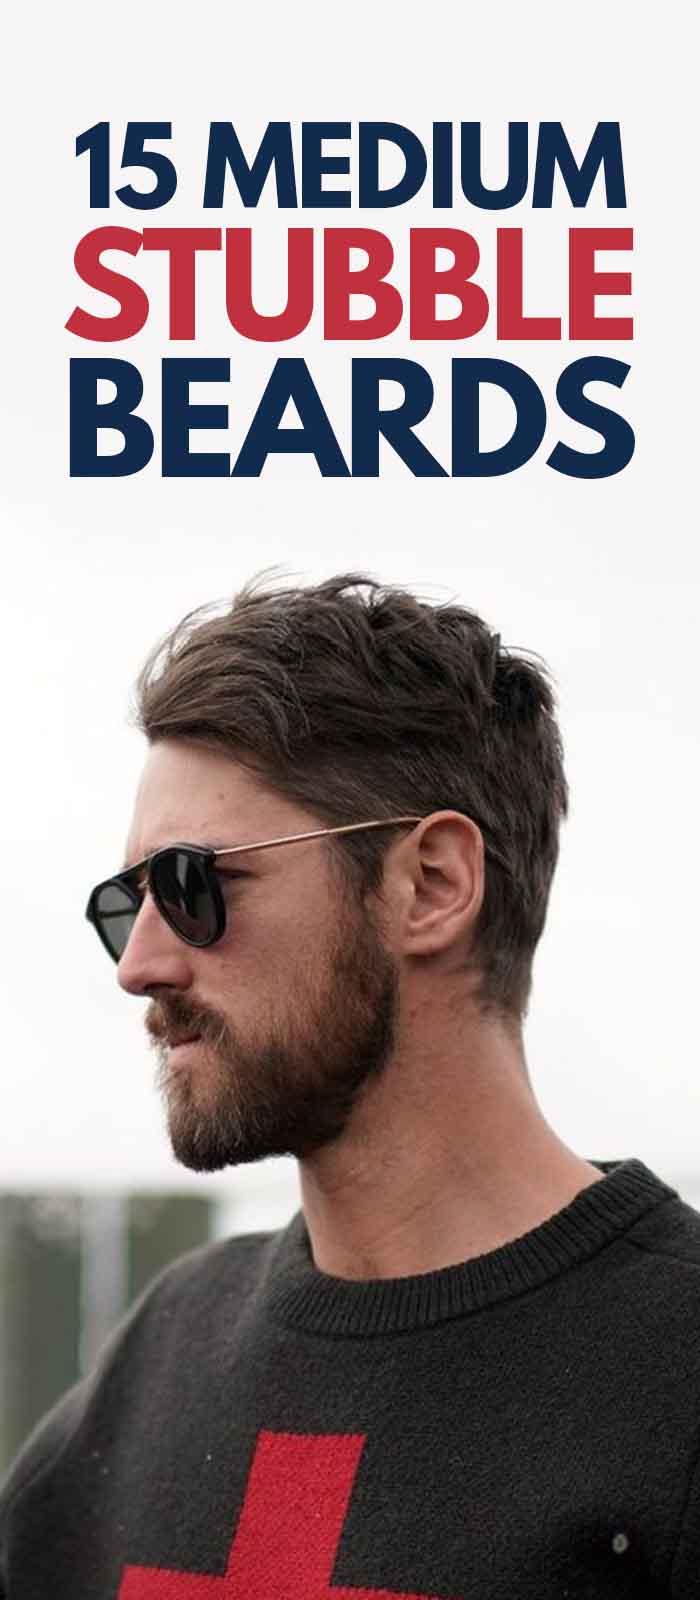 Medium Stubble beard styling for men!